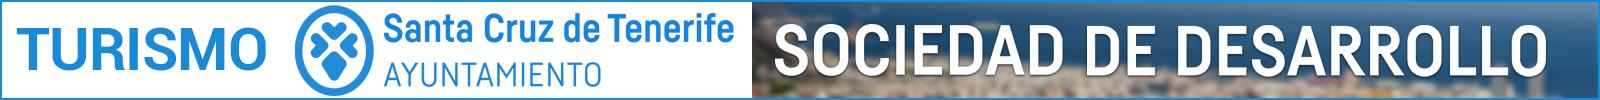 Cintillo Turismo SC TF Sociedad Desarrollo